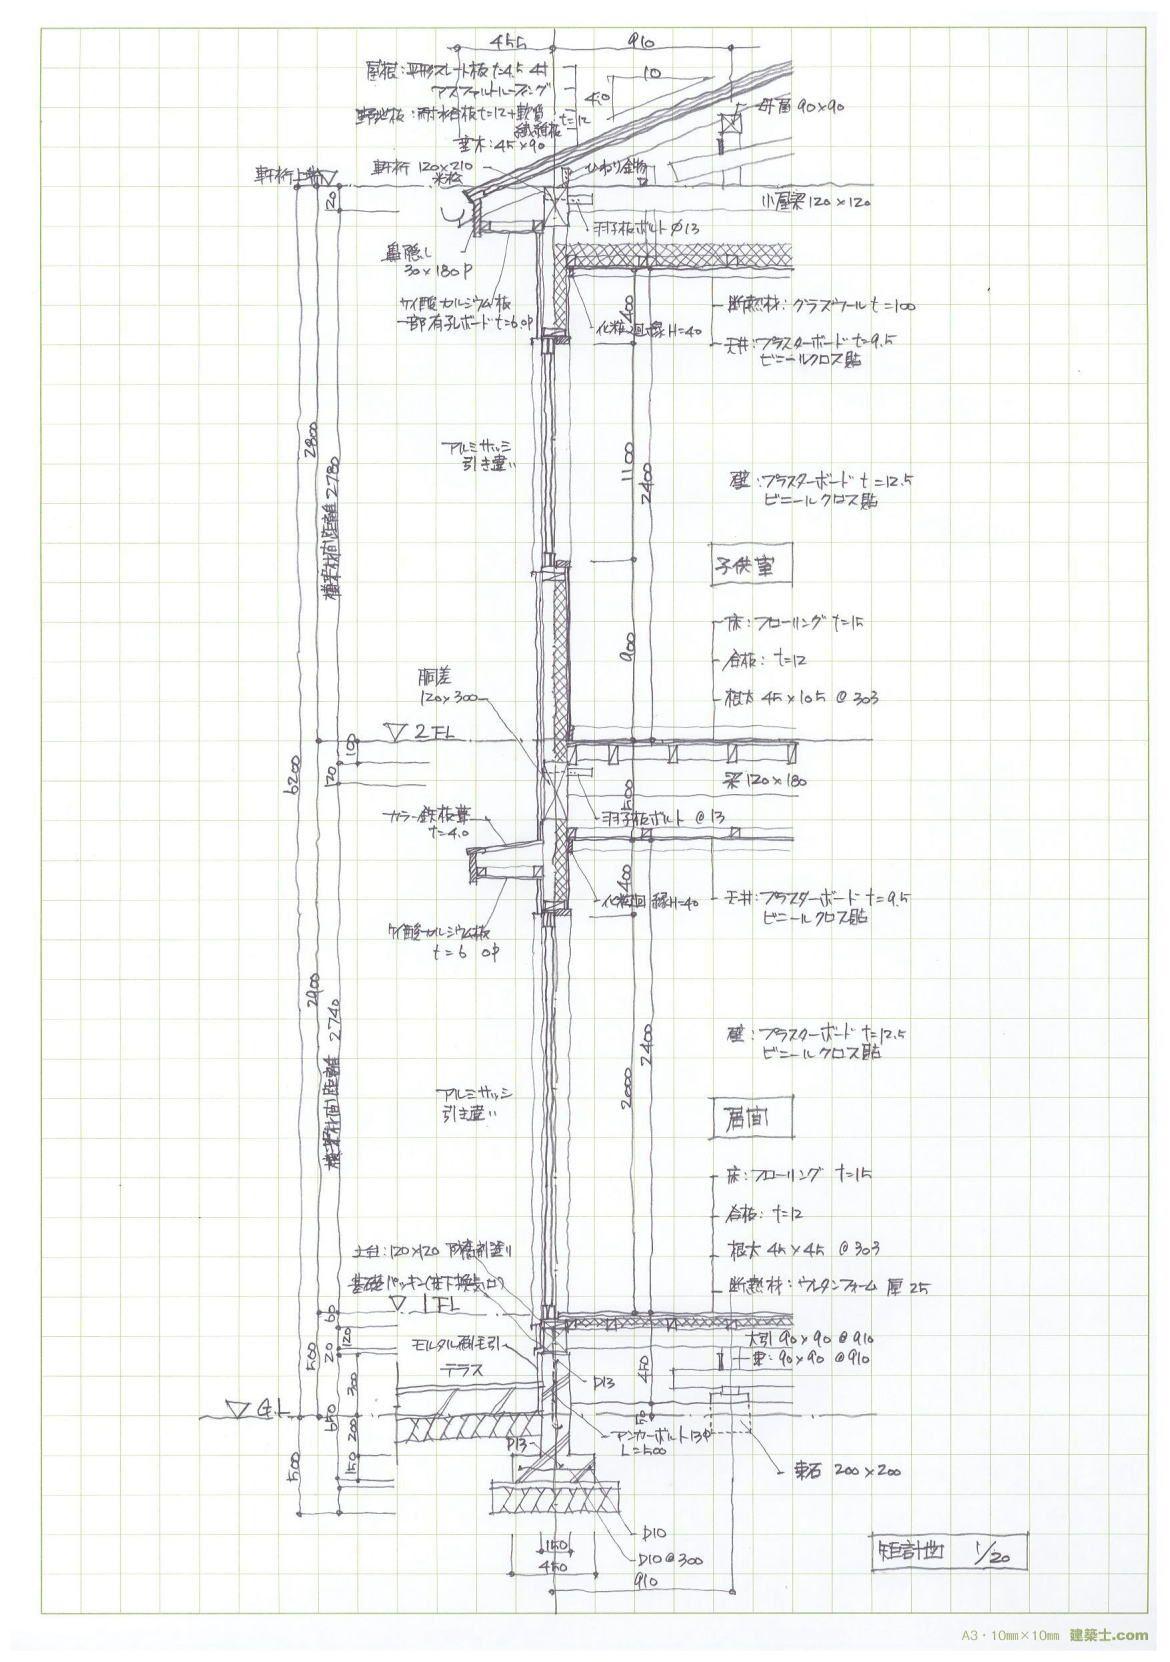 エスキース 矩計図 詳細図面 製図 建築プレゼンボード